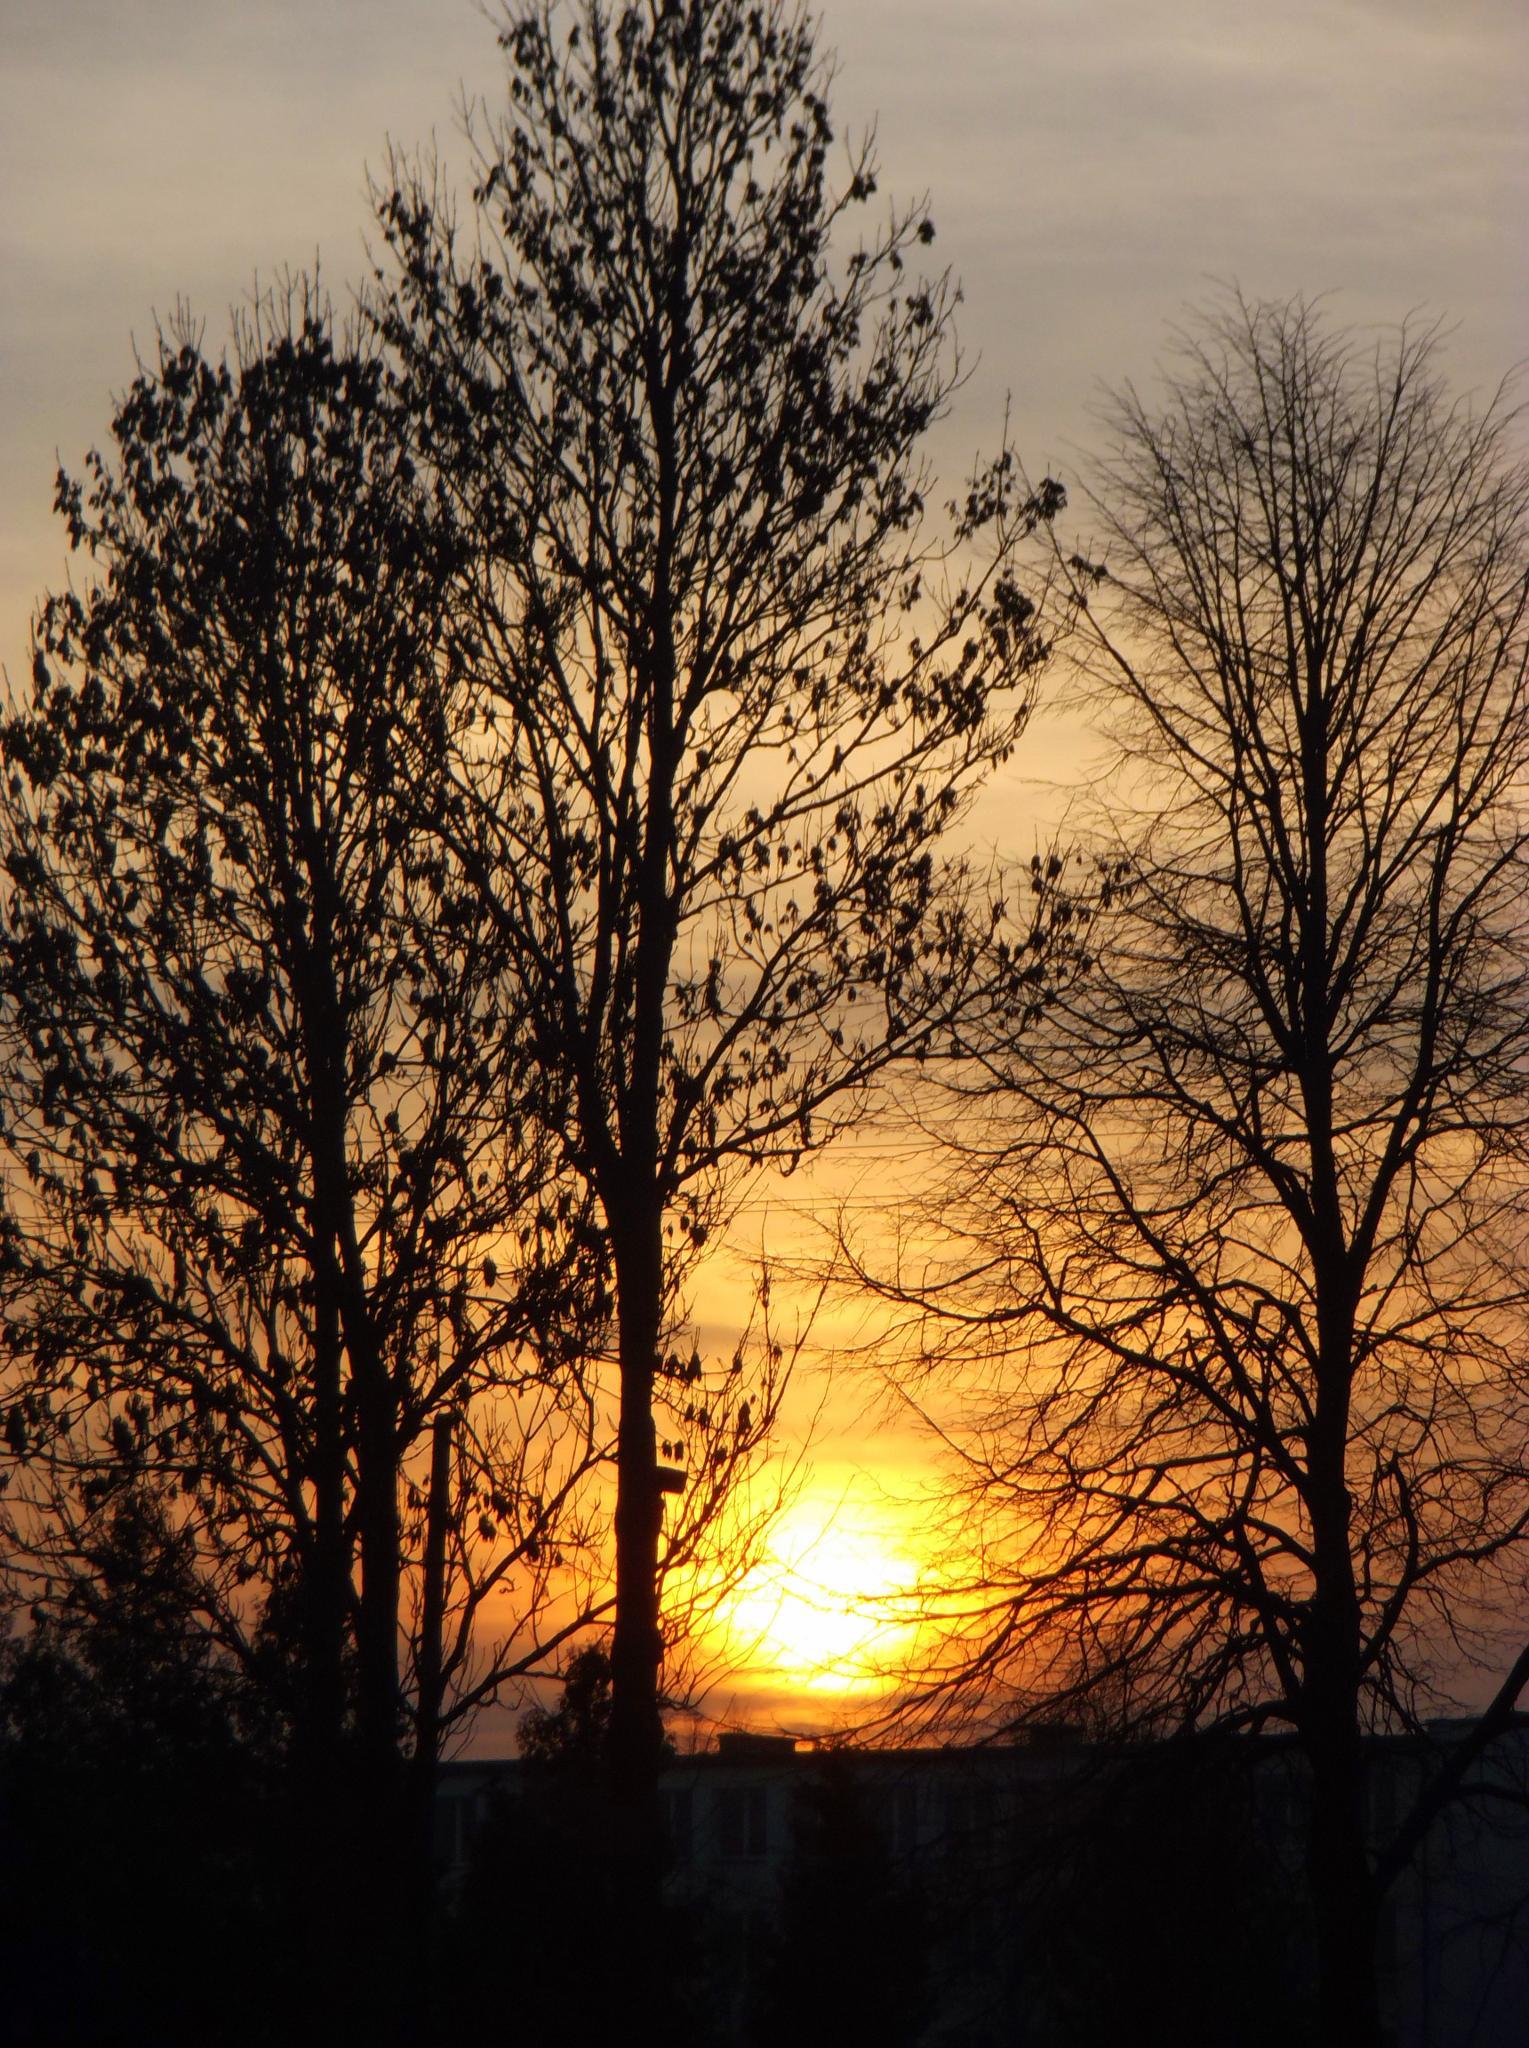 Sunrise. by Zita Užkuraitienė